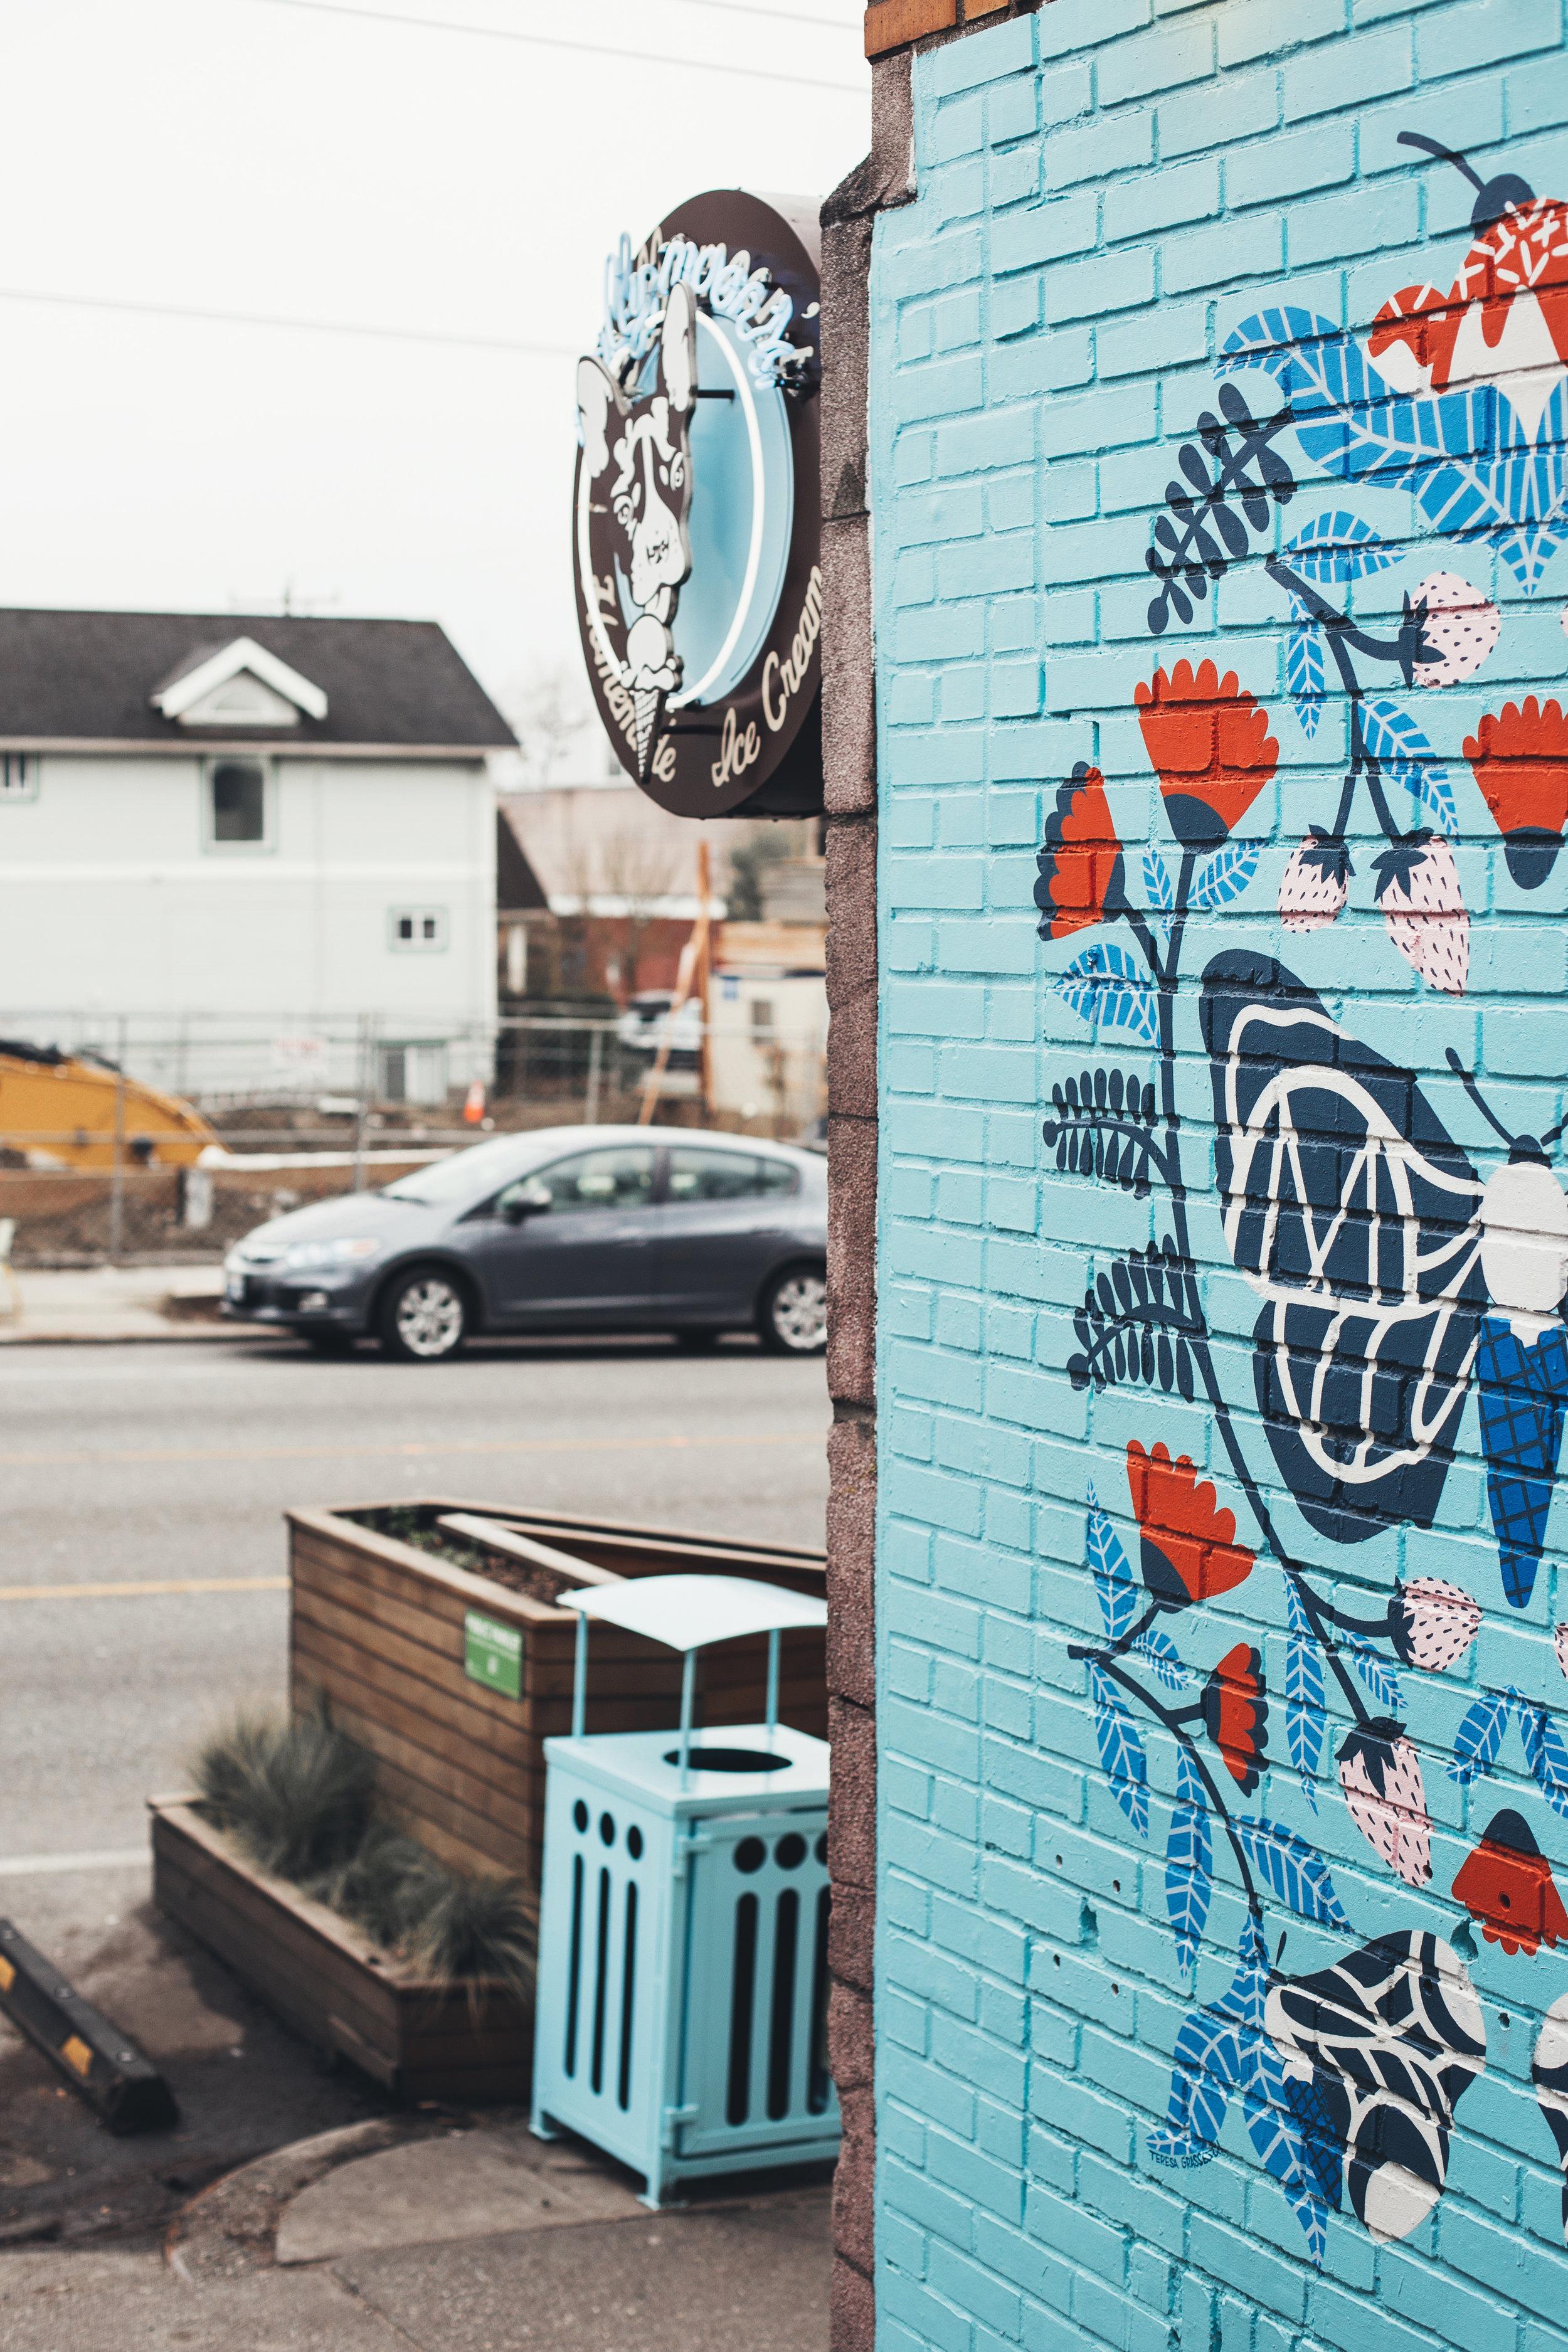 Mural-13.jpg